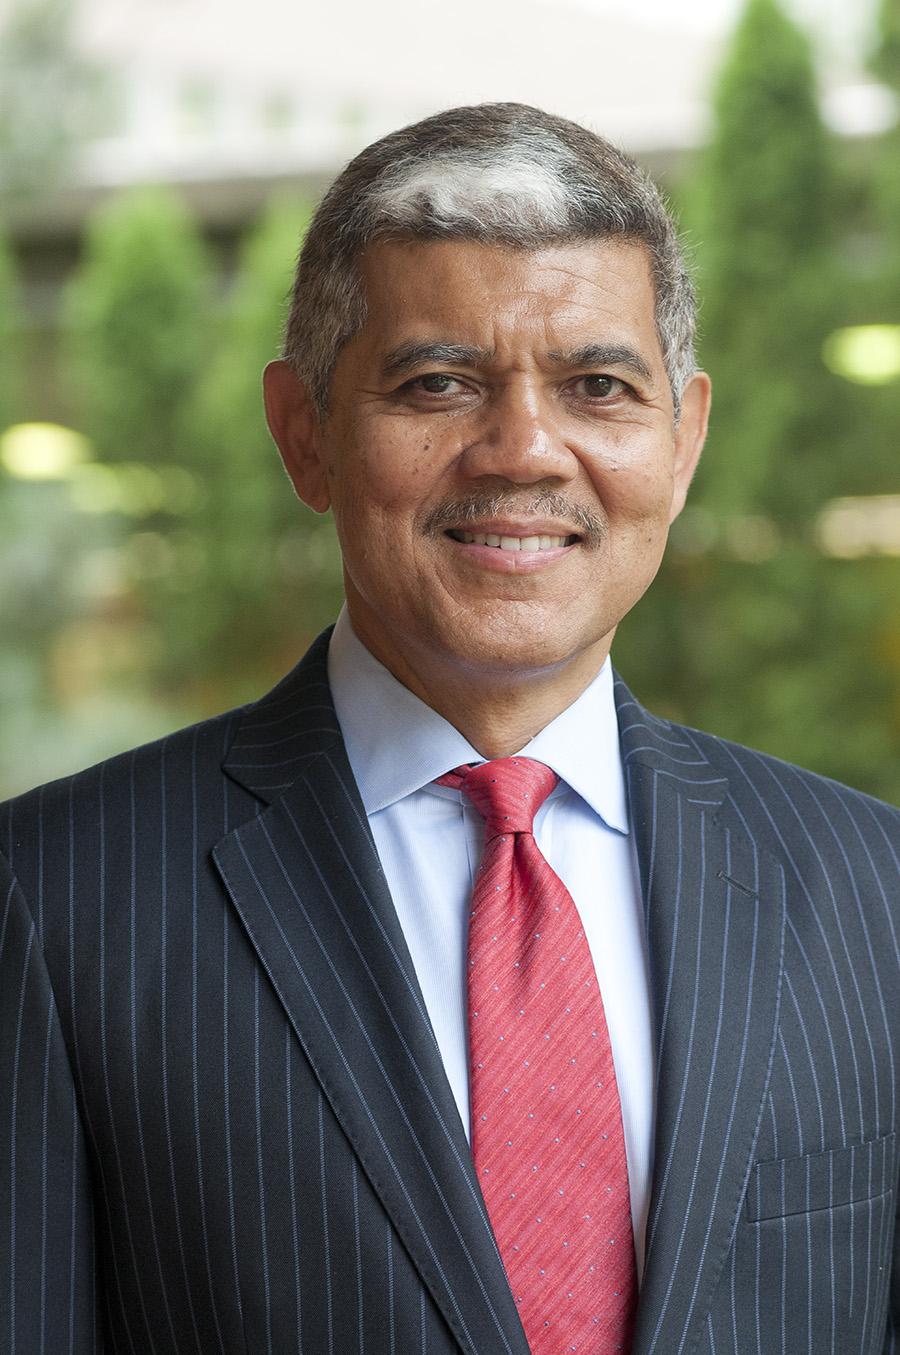 Dr. M. Roy Wilson